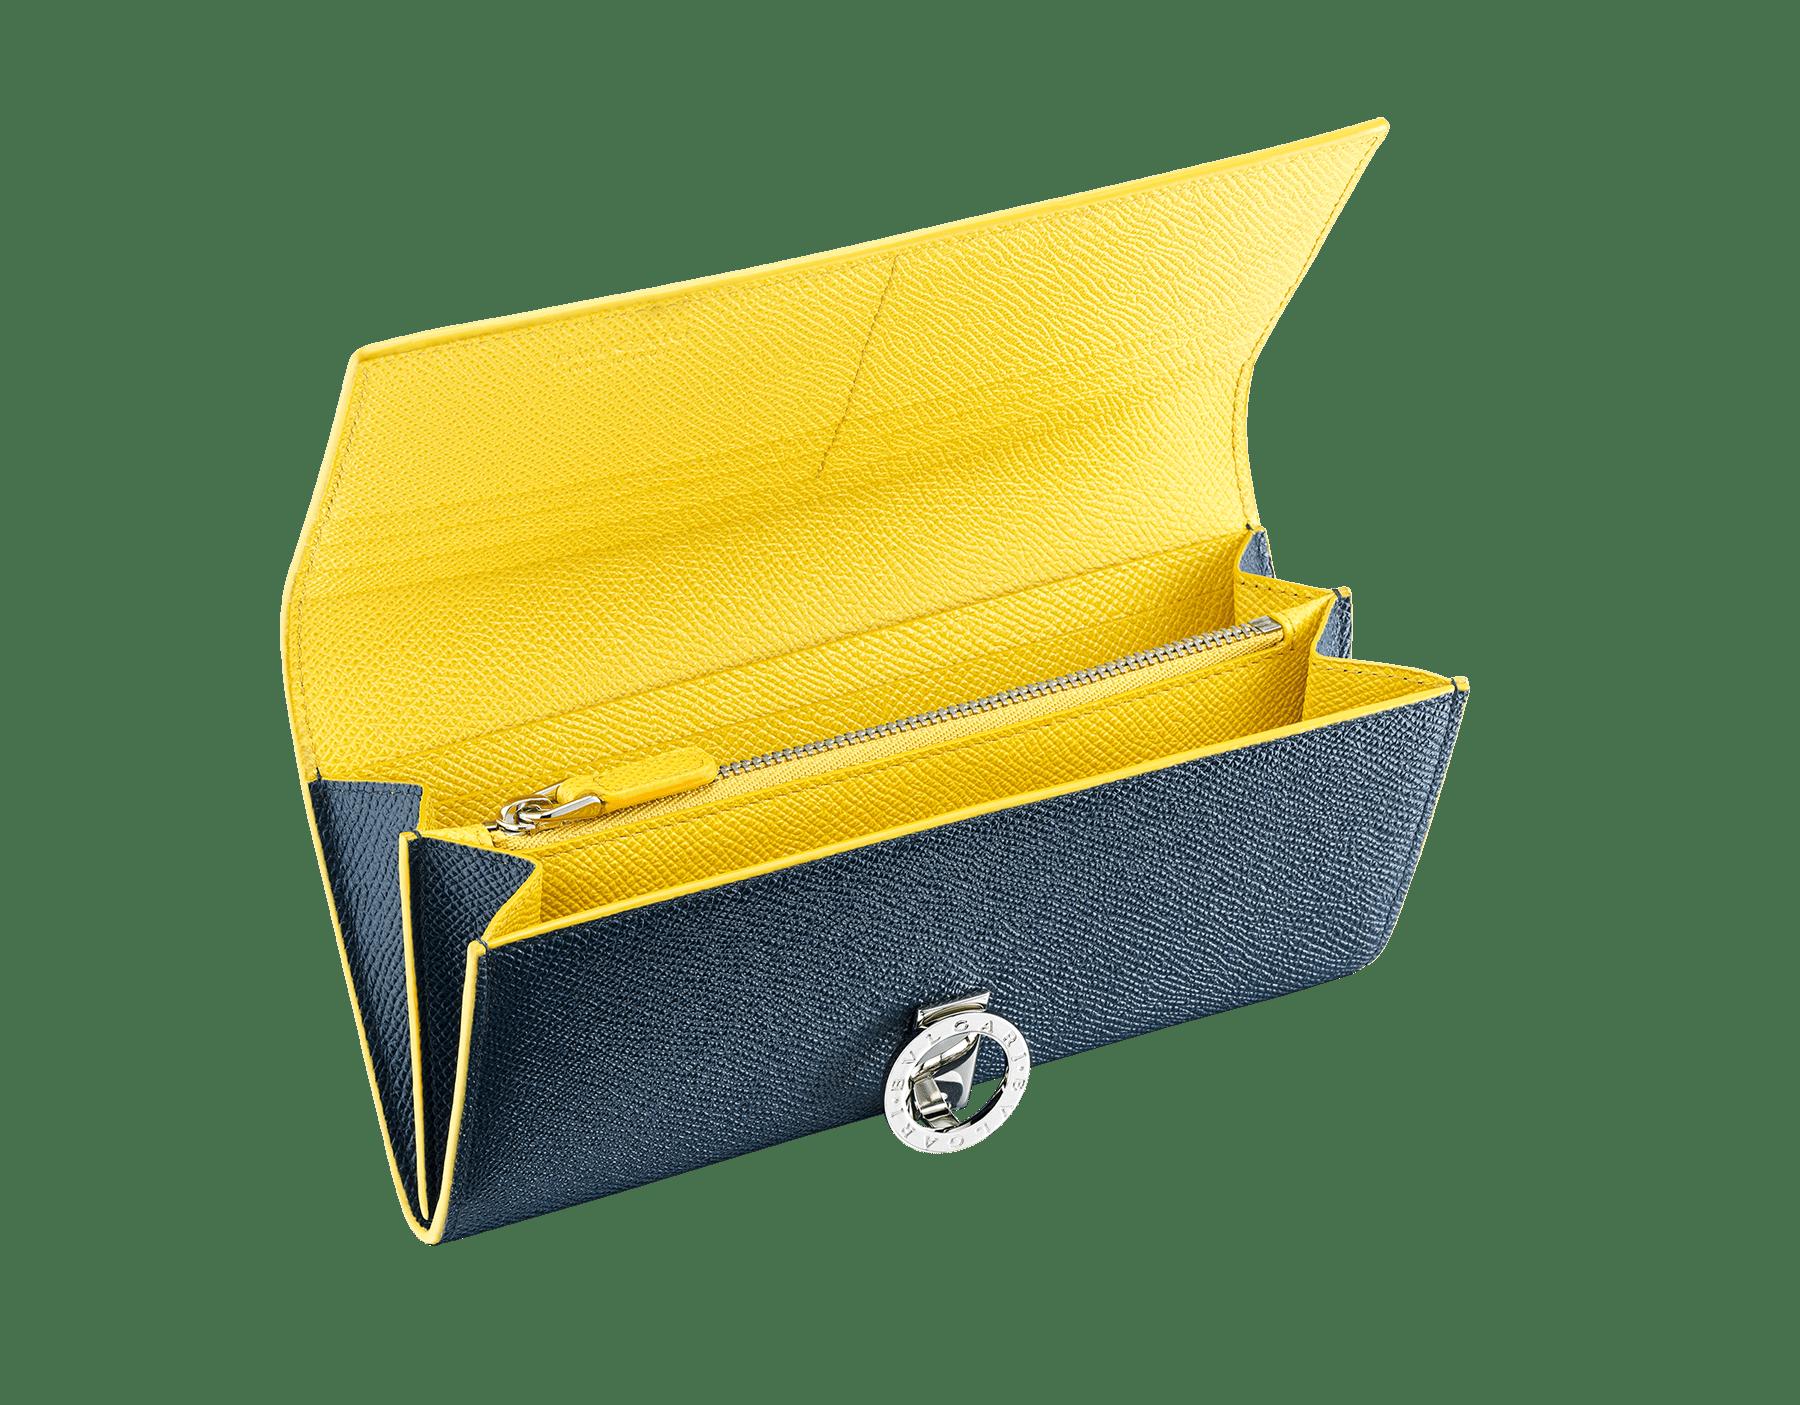 Cartera de mano BVLGARI BVLGARI en piel de becerro granulada colores azul zafiro y topacio margarita. Cierre de clip en latón bañado en paladio con el emblemático logotipo. 289855 image 2